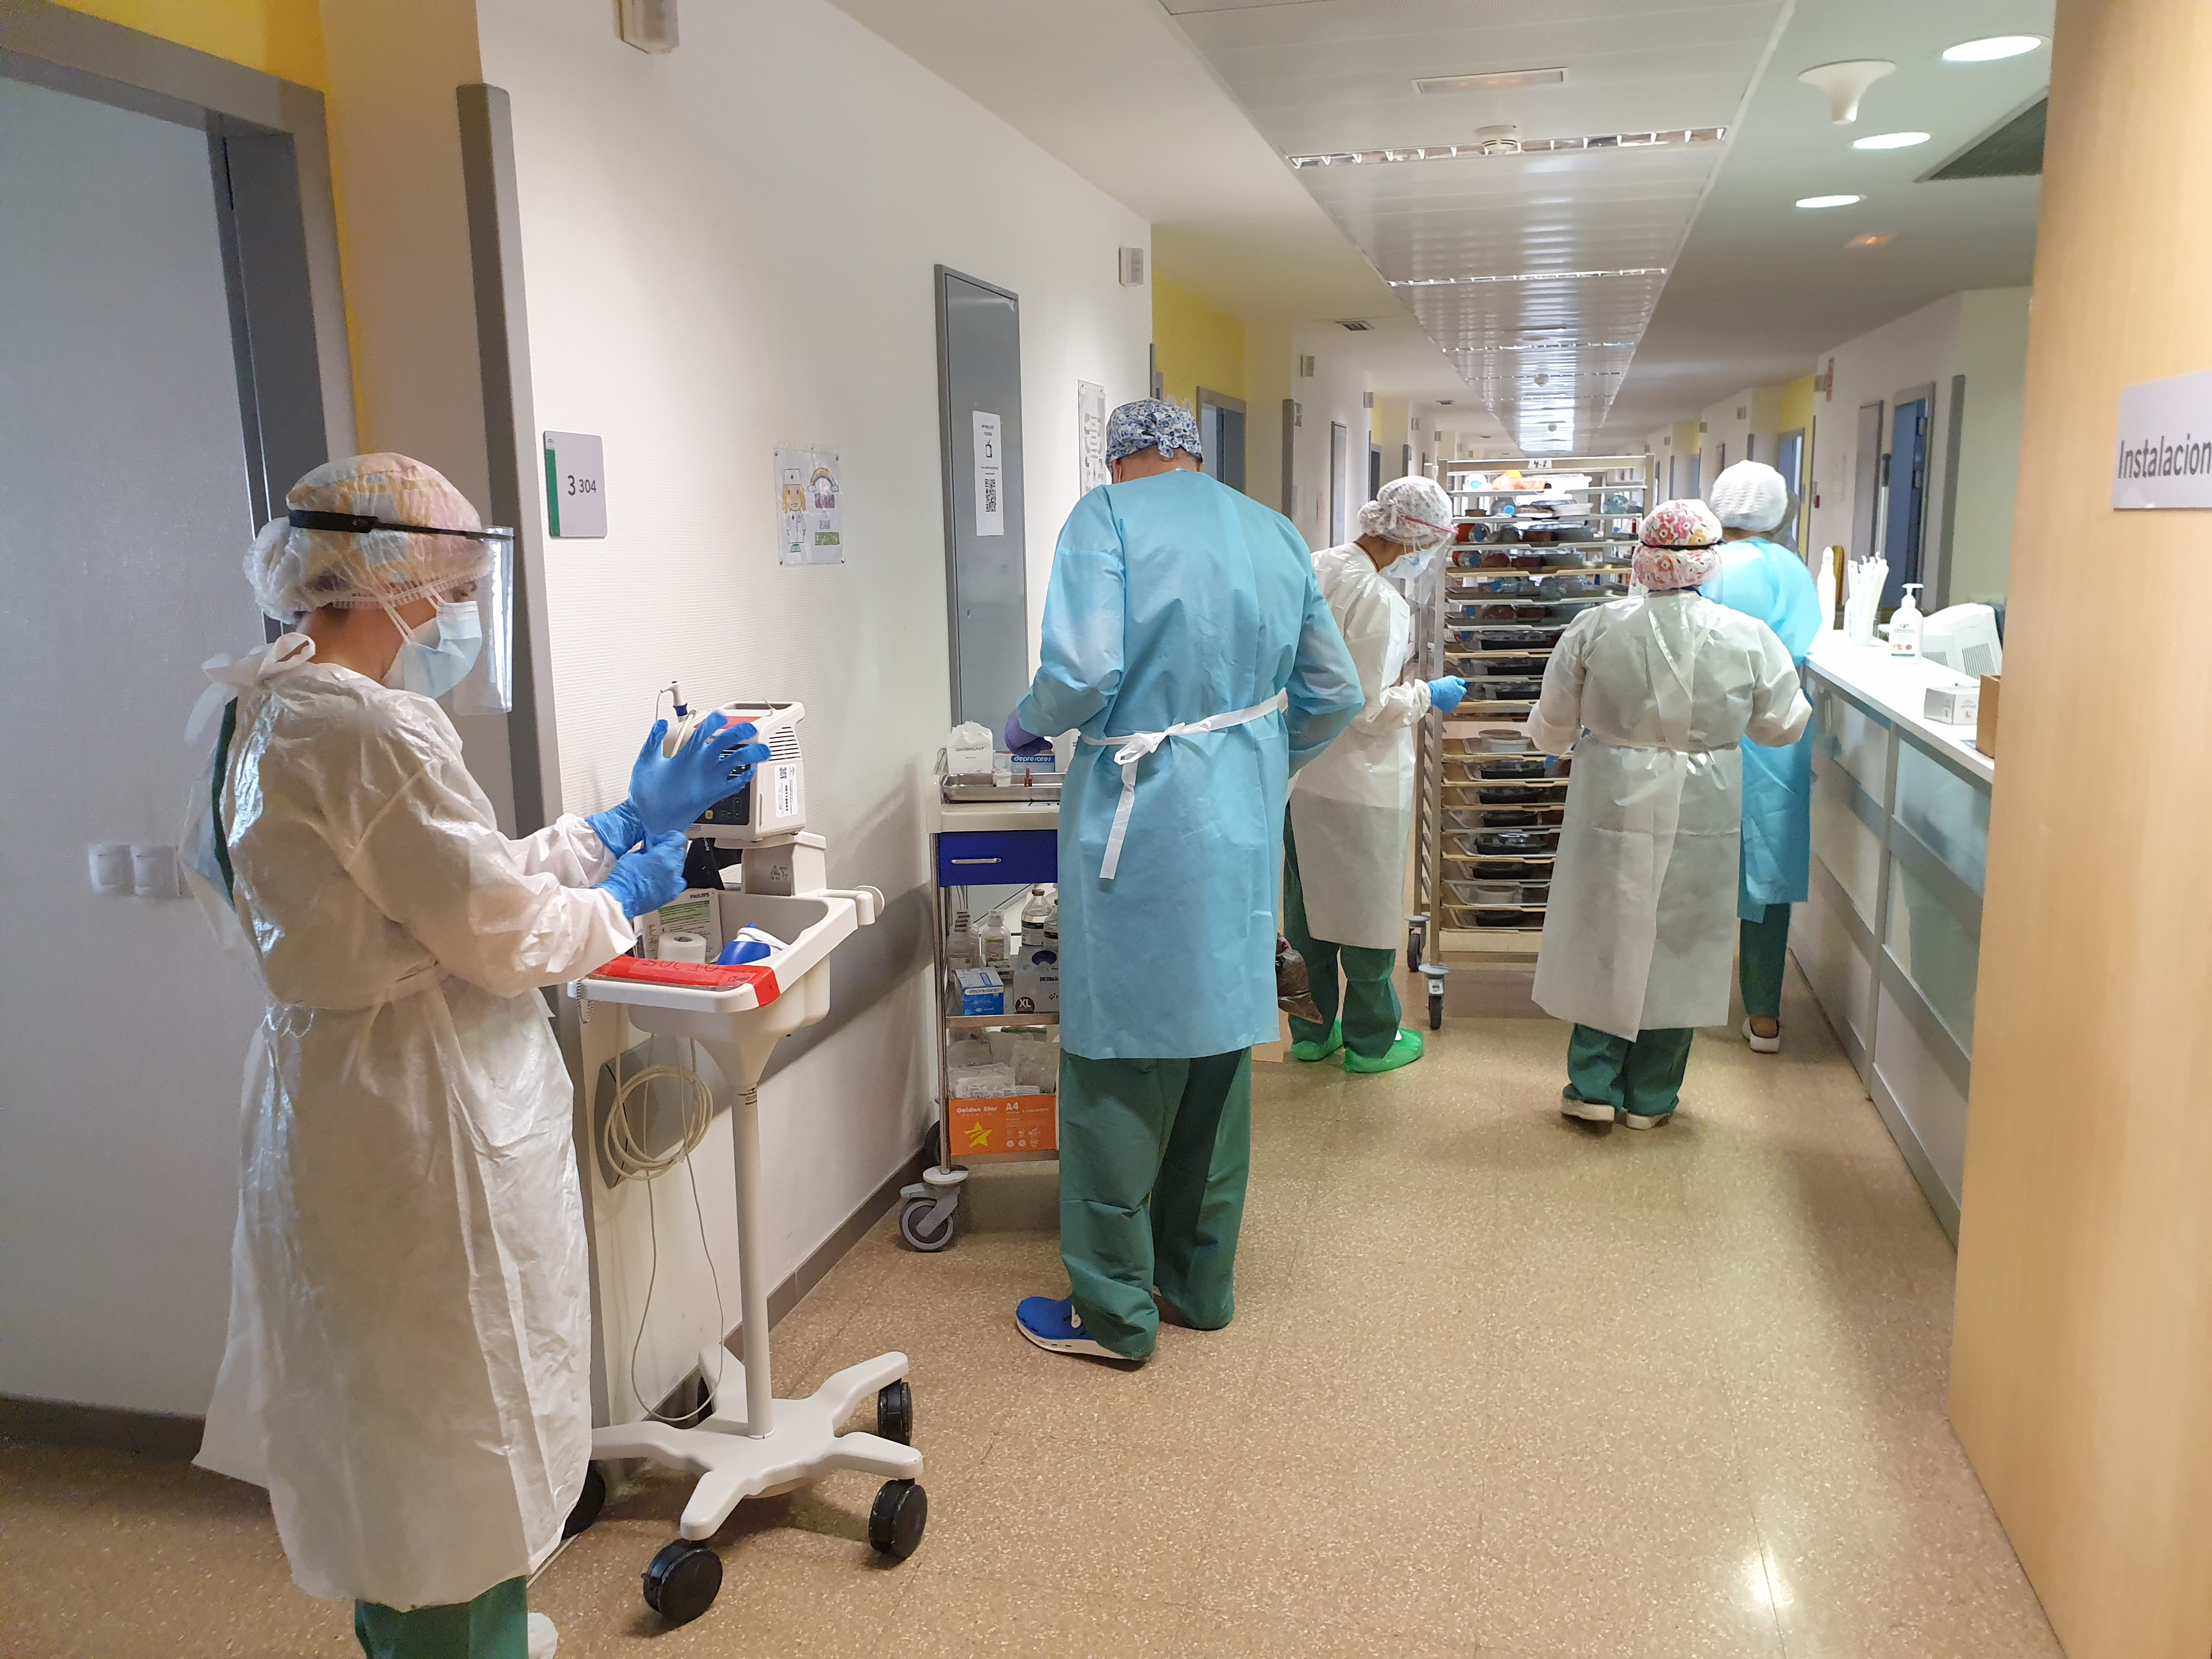 El Clínico incorpora una dieta especial adaptada para pacientes hospitalizados con coronavirus